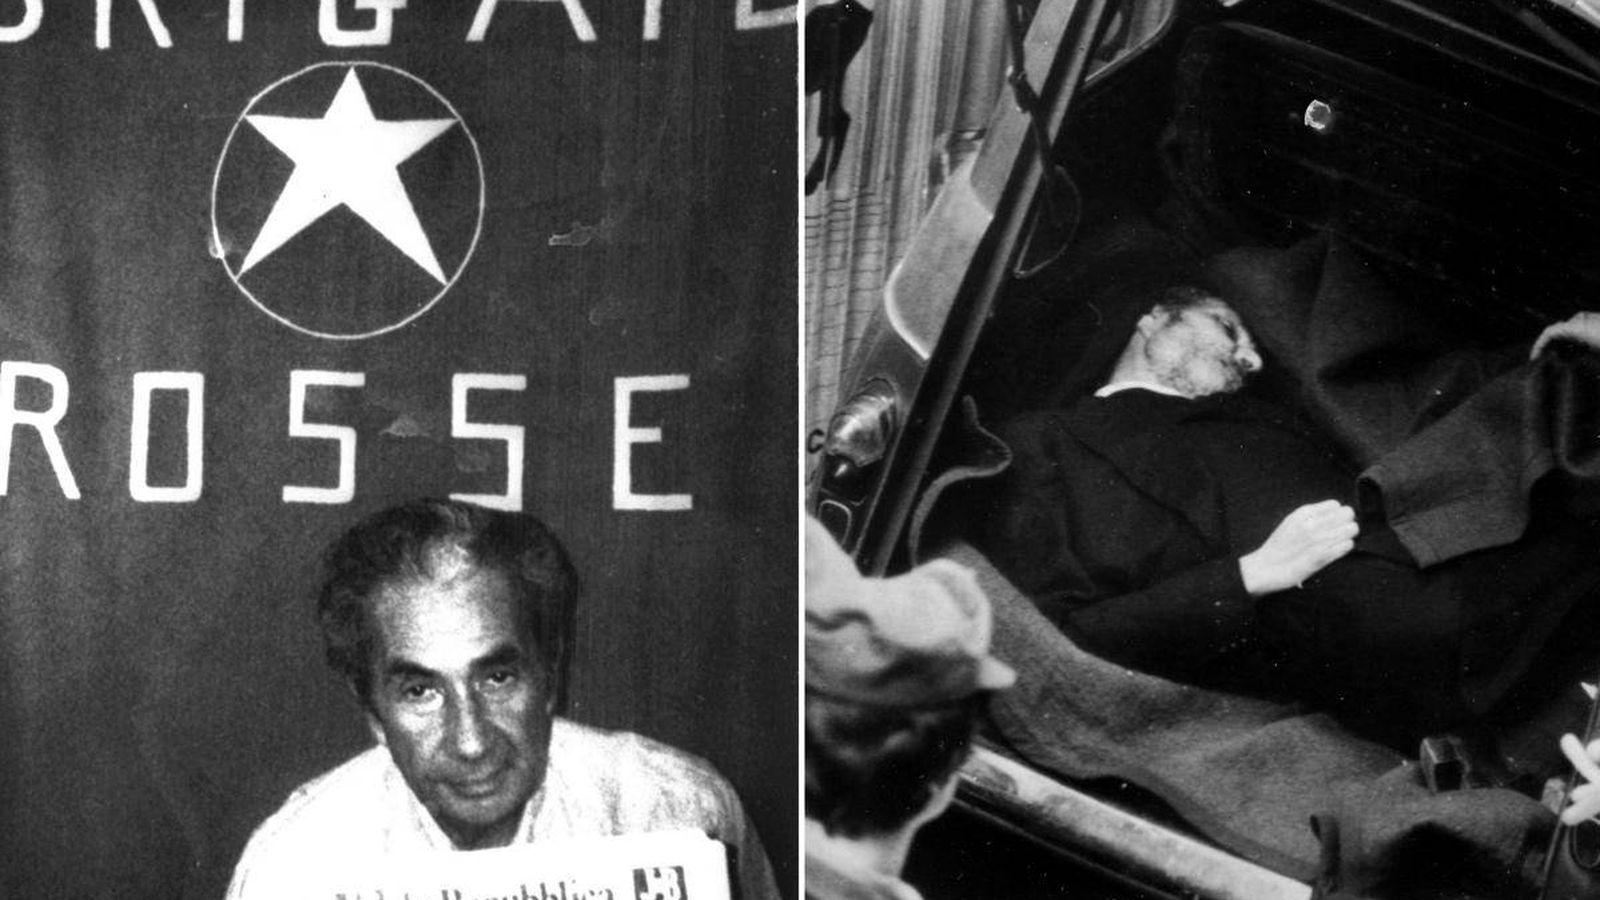 Foto: A la izquierda, Aldo Moro durante su secuestro por las brigadas Rojas. A la derecha, su cadáver encontrado en el maletero de un coche.